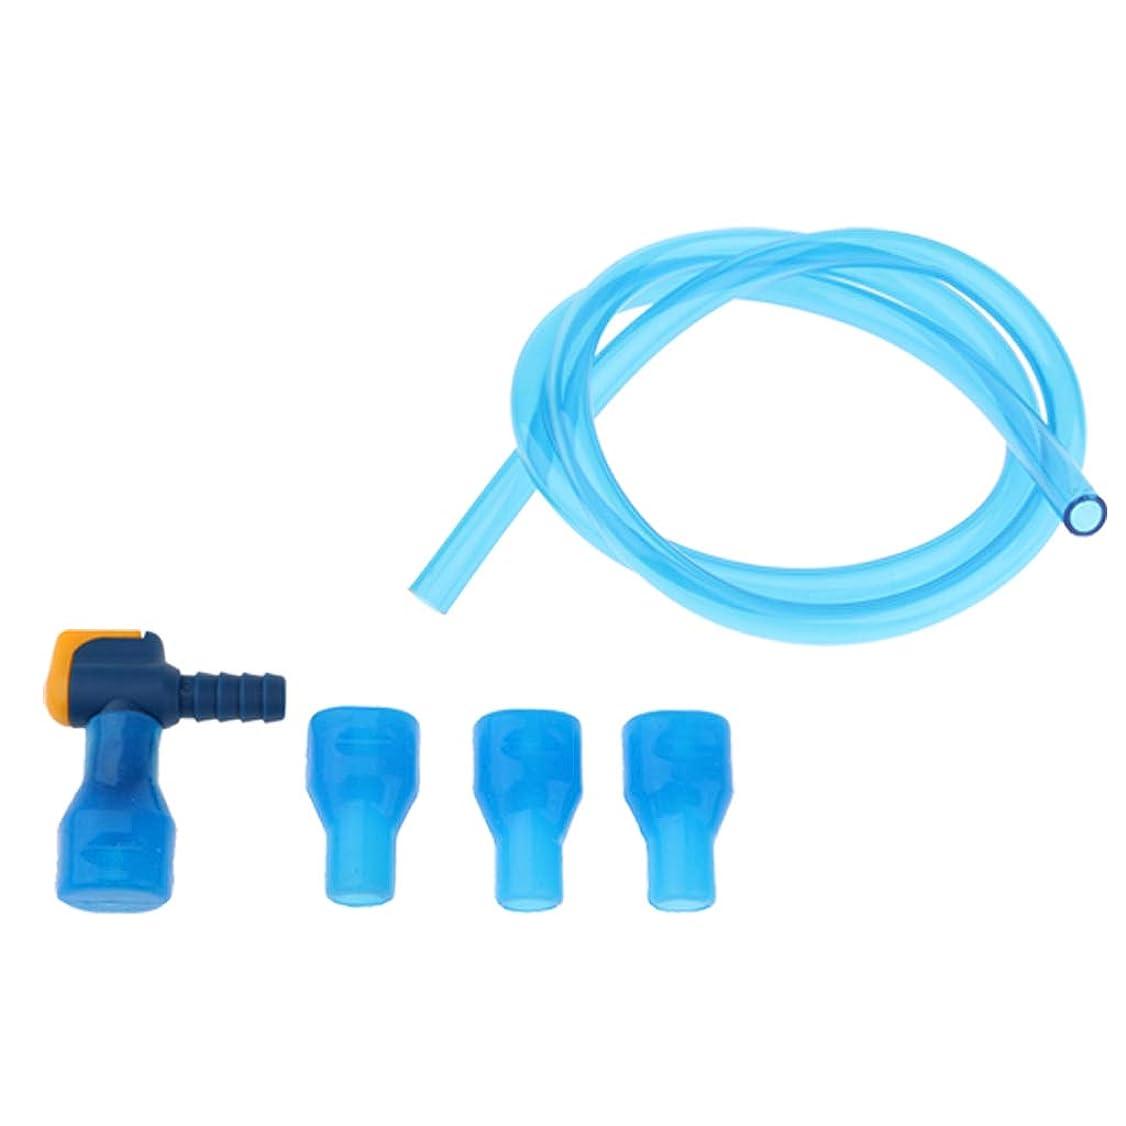 選出する回転プレゼンターD DOLITY 水袋 ドリンクチューブ 飲用チューブ 咬合弁 ハイドレーションパック用 バイトバルブ